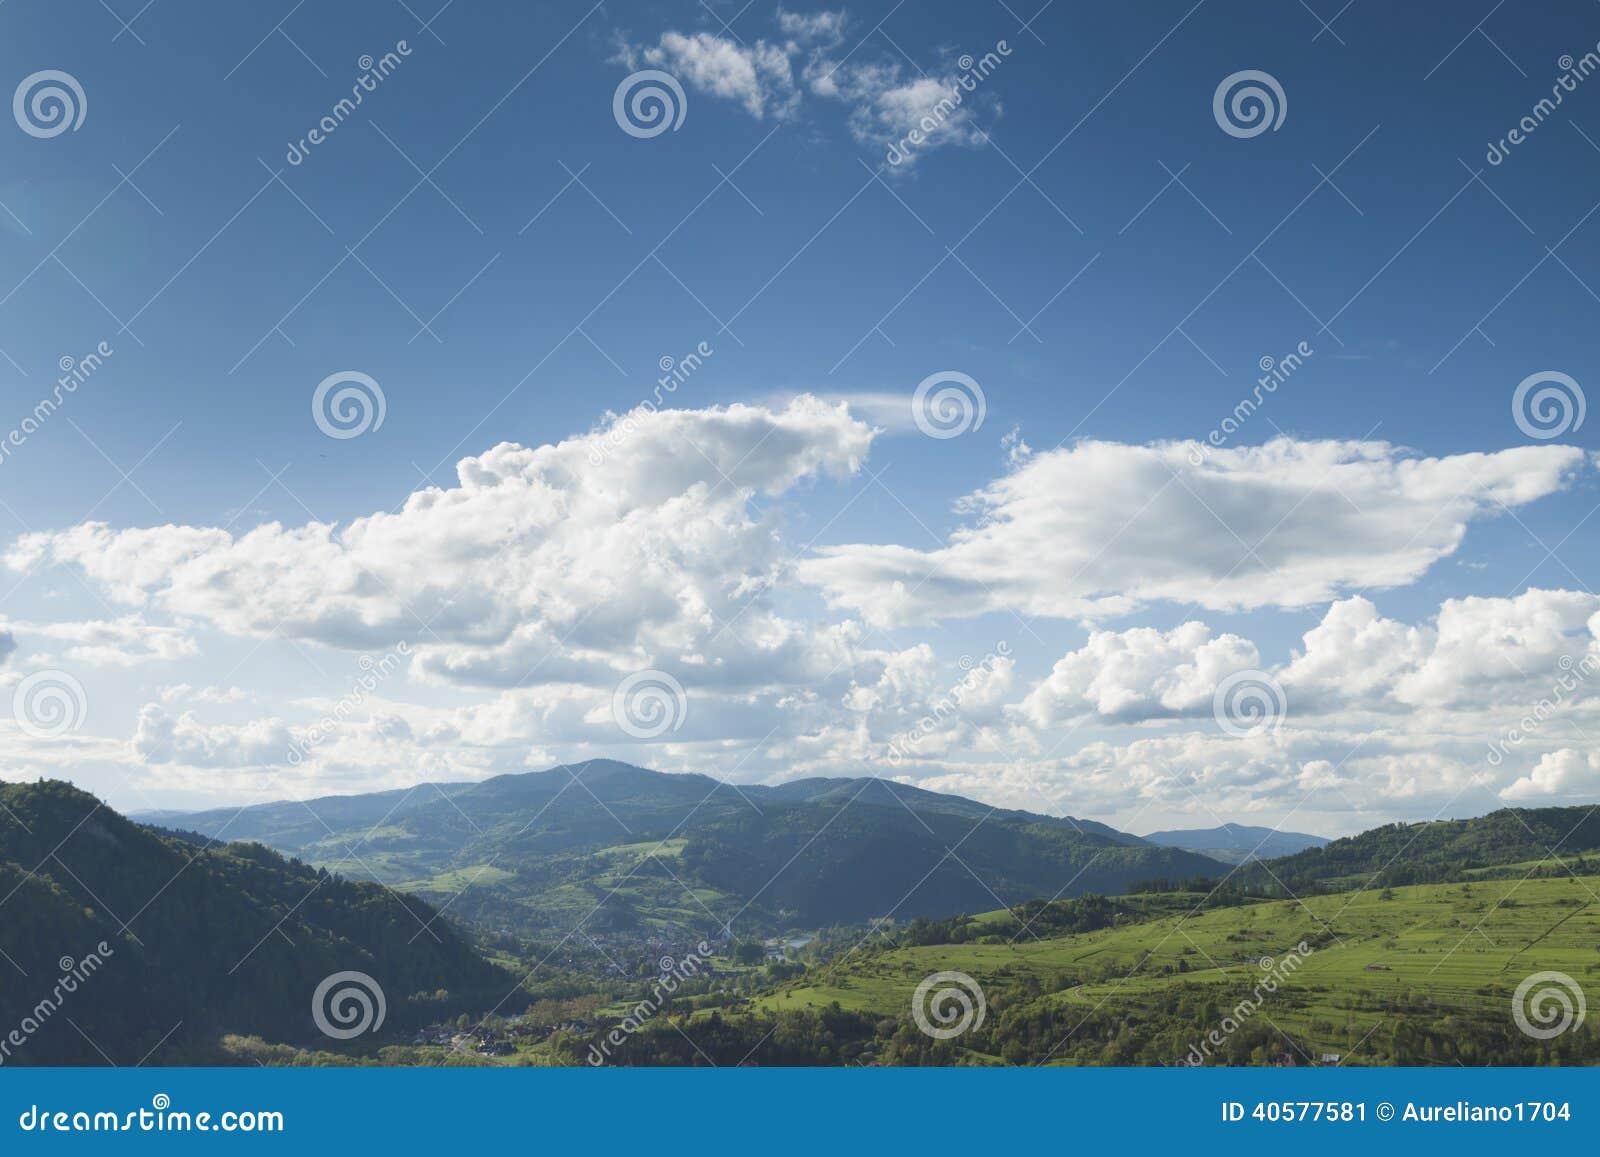 Польша, панорамное Viev горной цепи Gorce, эффектное Clou